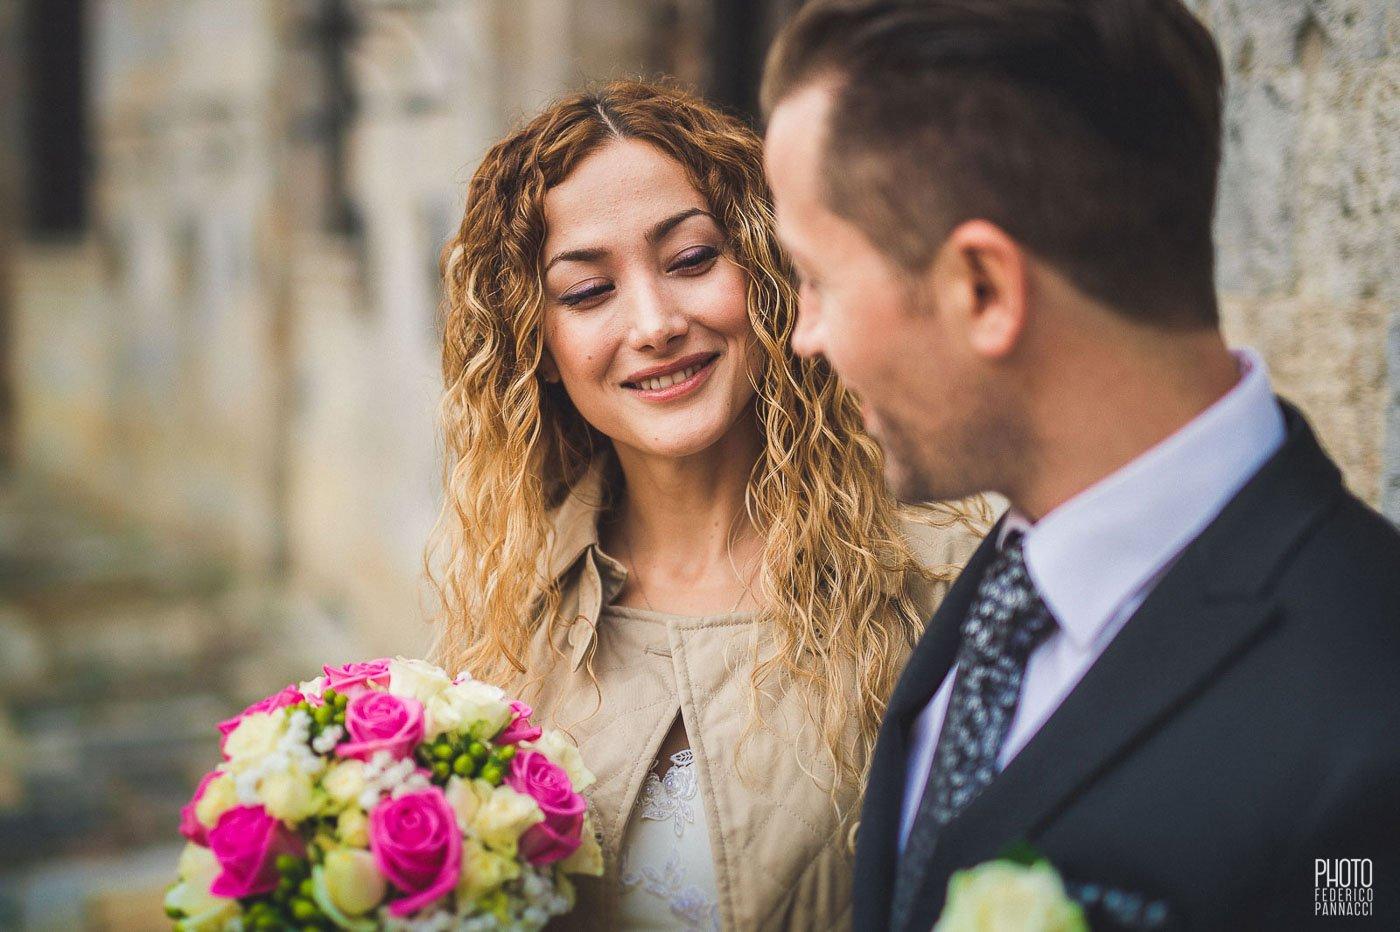 002-Destination-Wedding-Siena